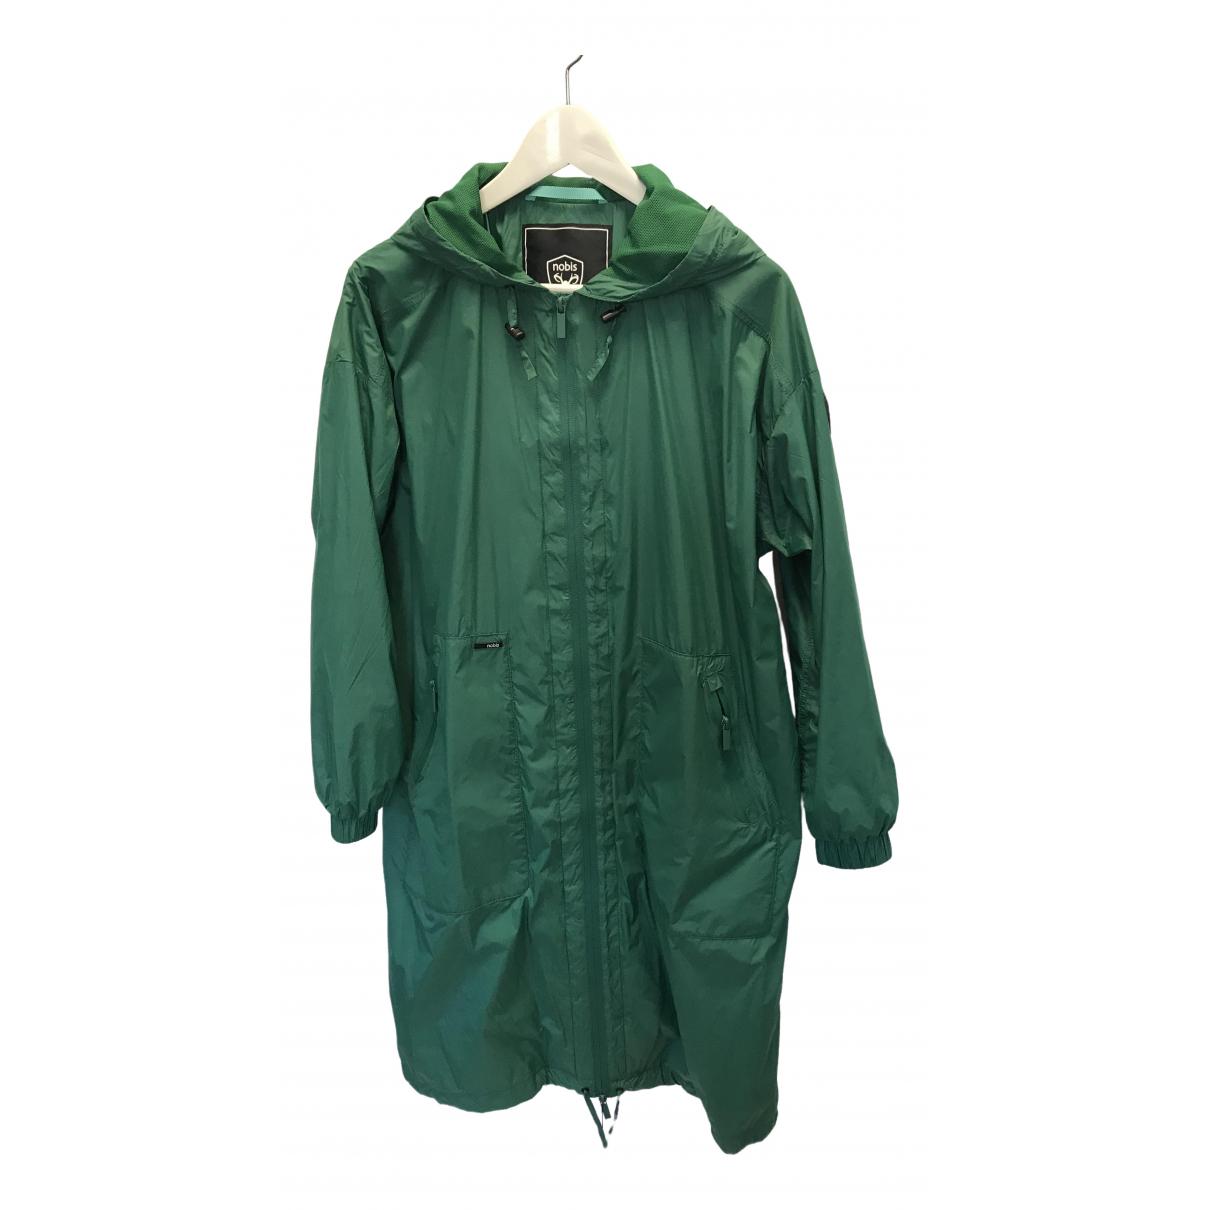 Nobis - Manteau   pour homme - vert